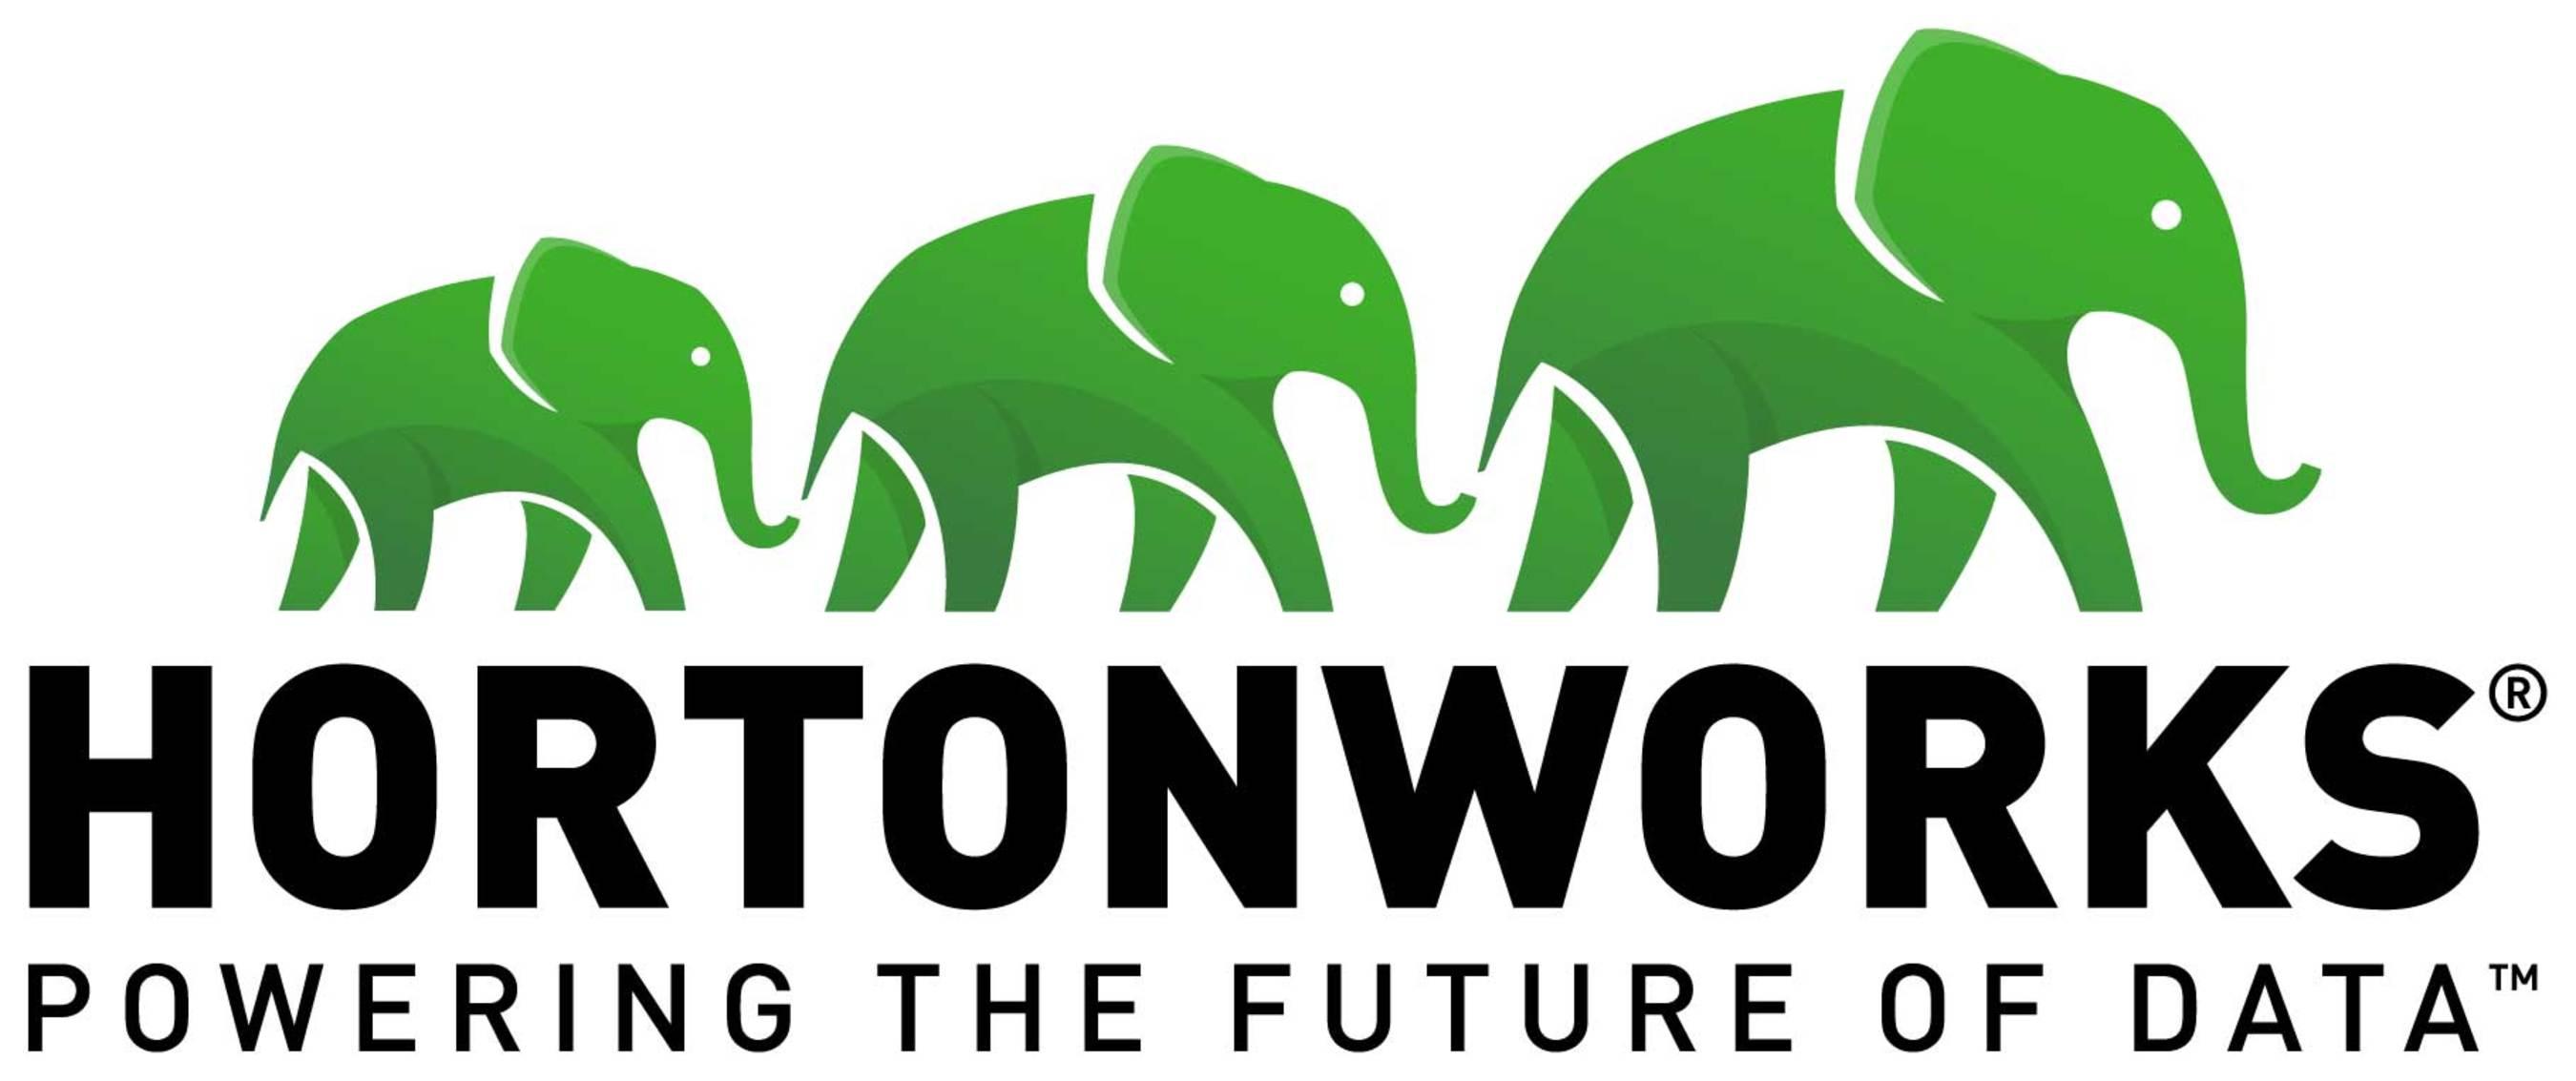 Hortonworks DataFlow versnelt de waarde van Data-in-Motion met Streaming Analytics